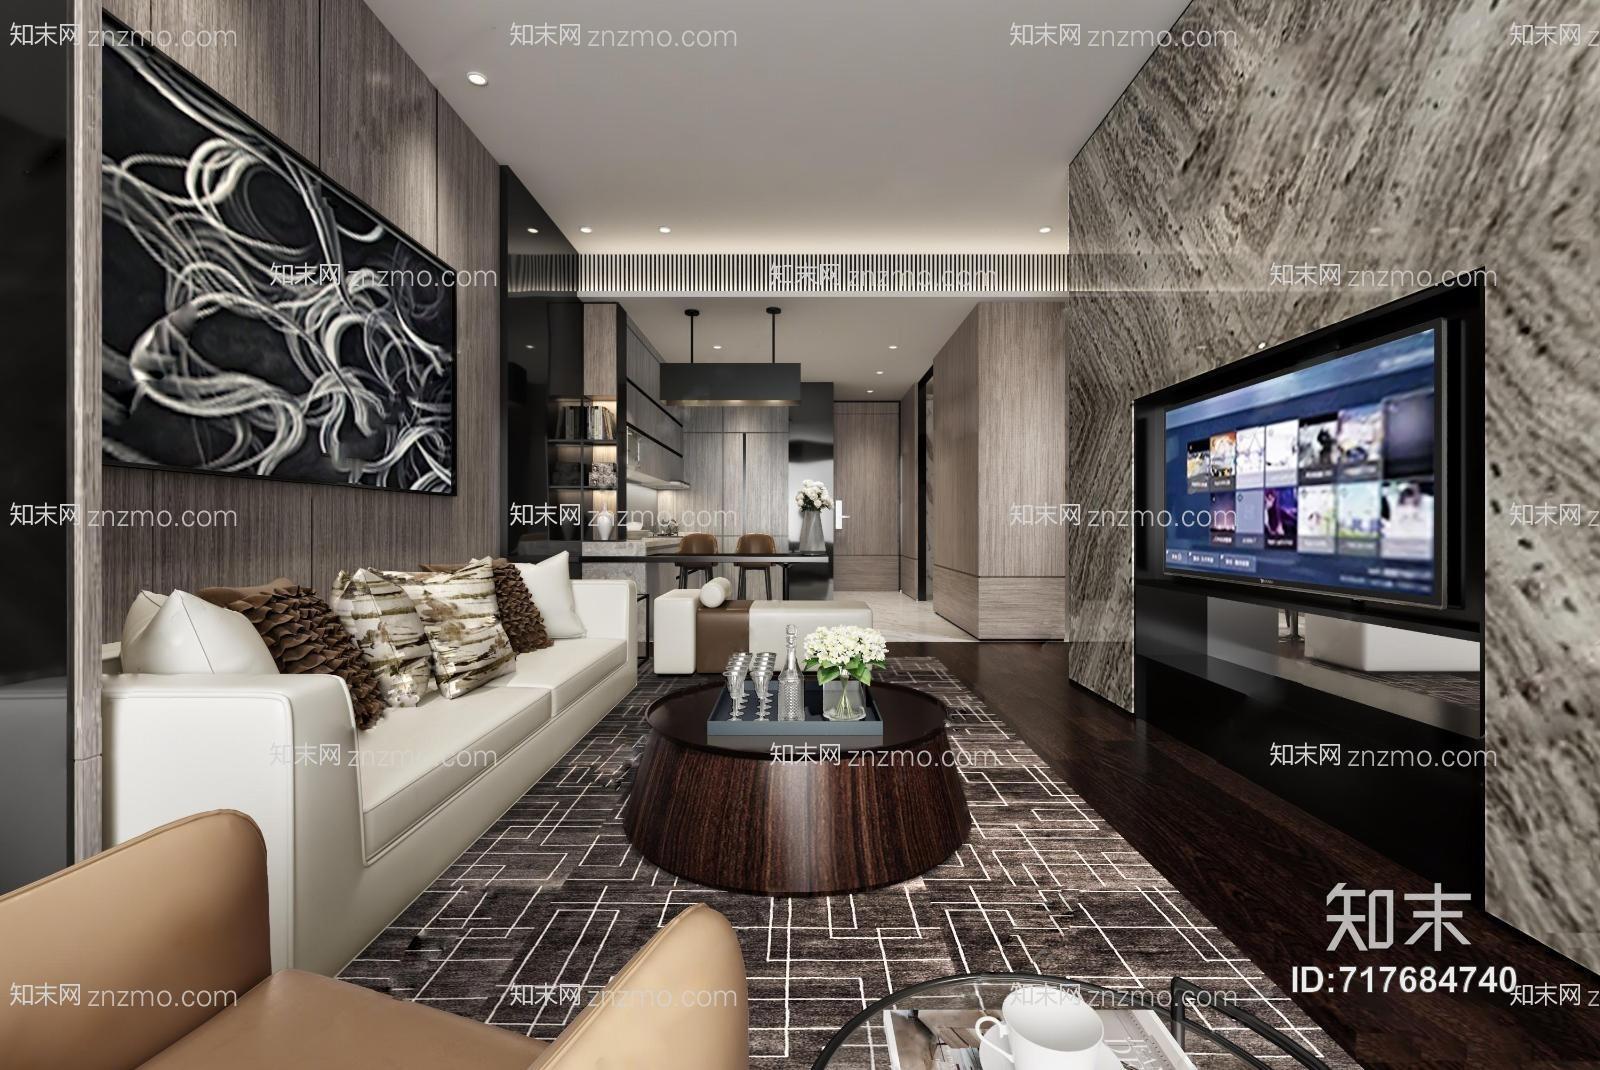 后现代客厅 吊灯 多人沙发 单人沙发 挂画 置物架 摆件 抱枕